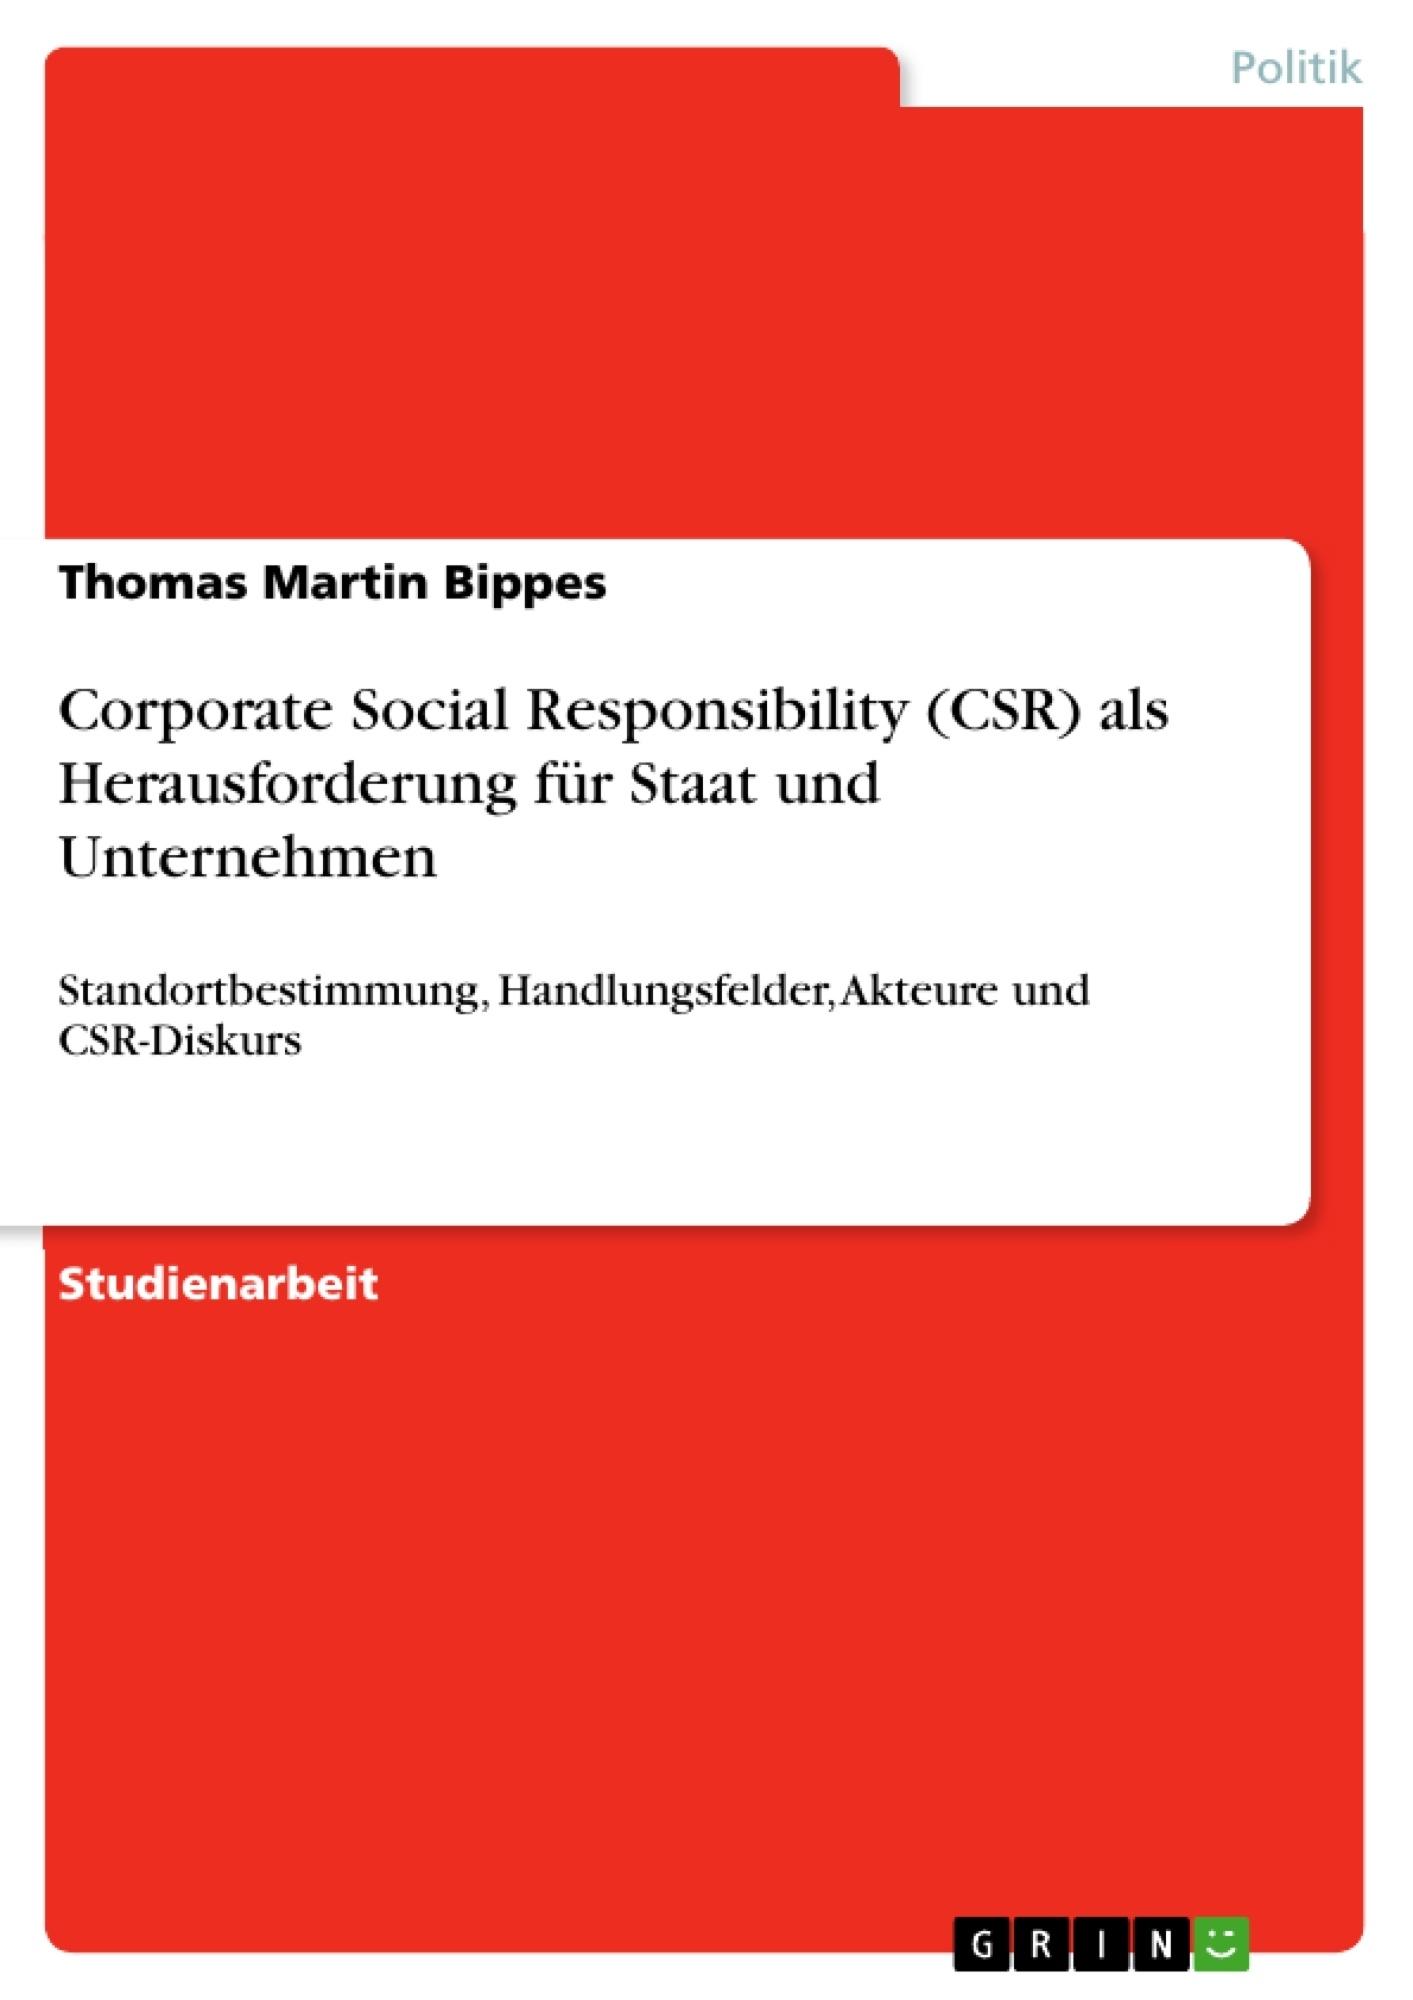 Titel: Corporate Social Responsibility (CSR) als Herausforderung für Staat und Unternehmen